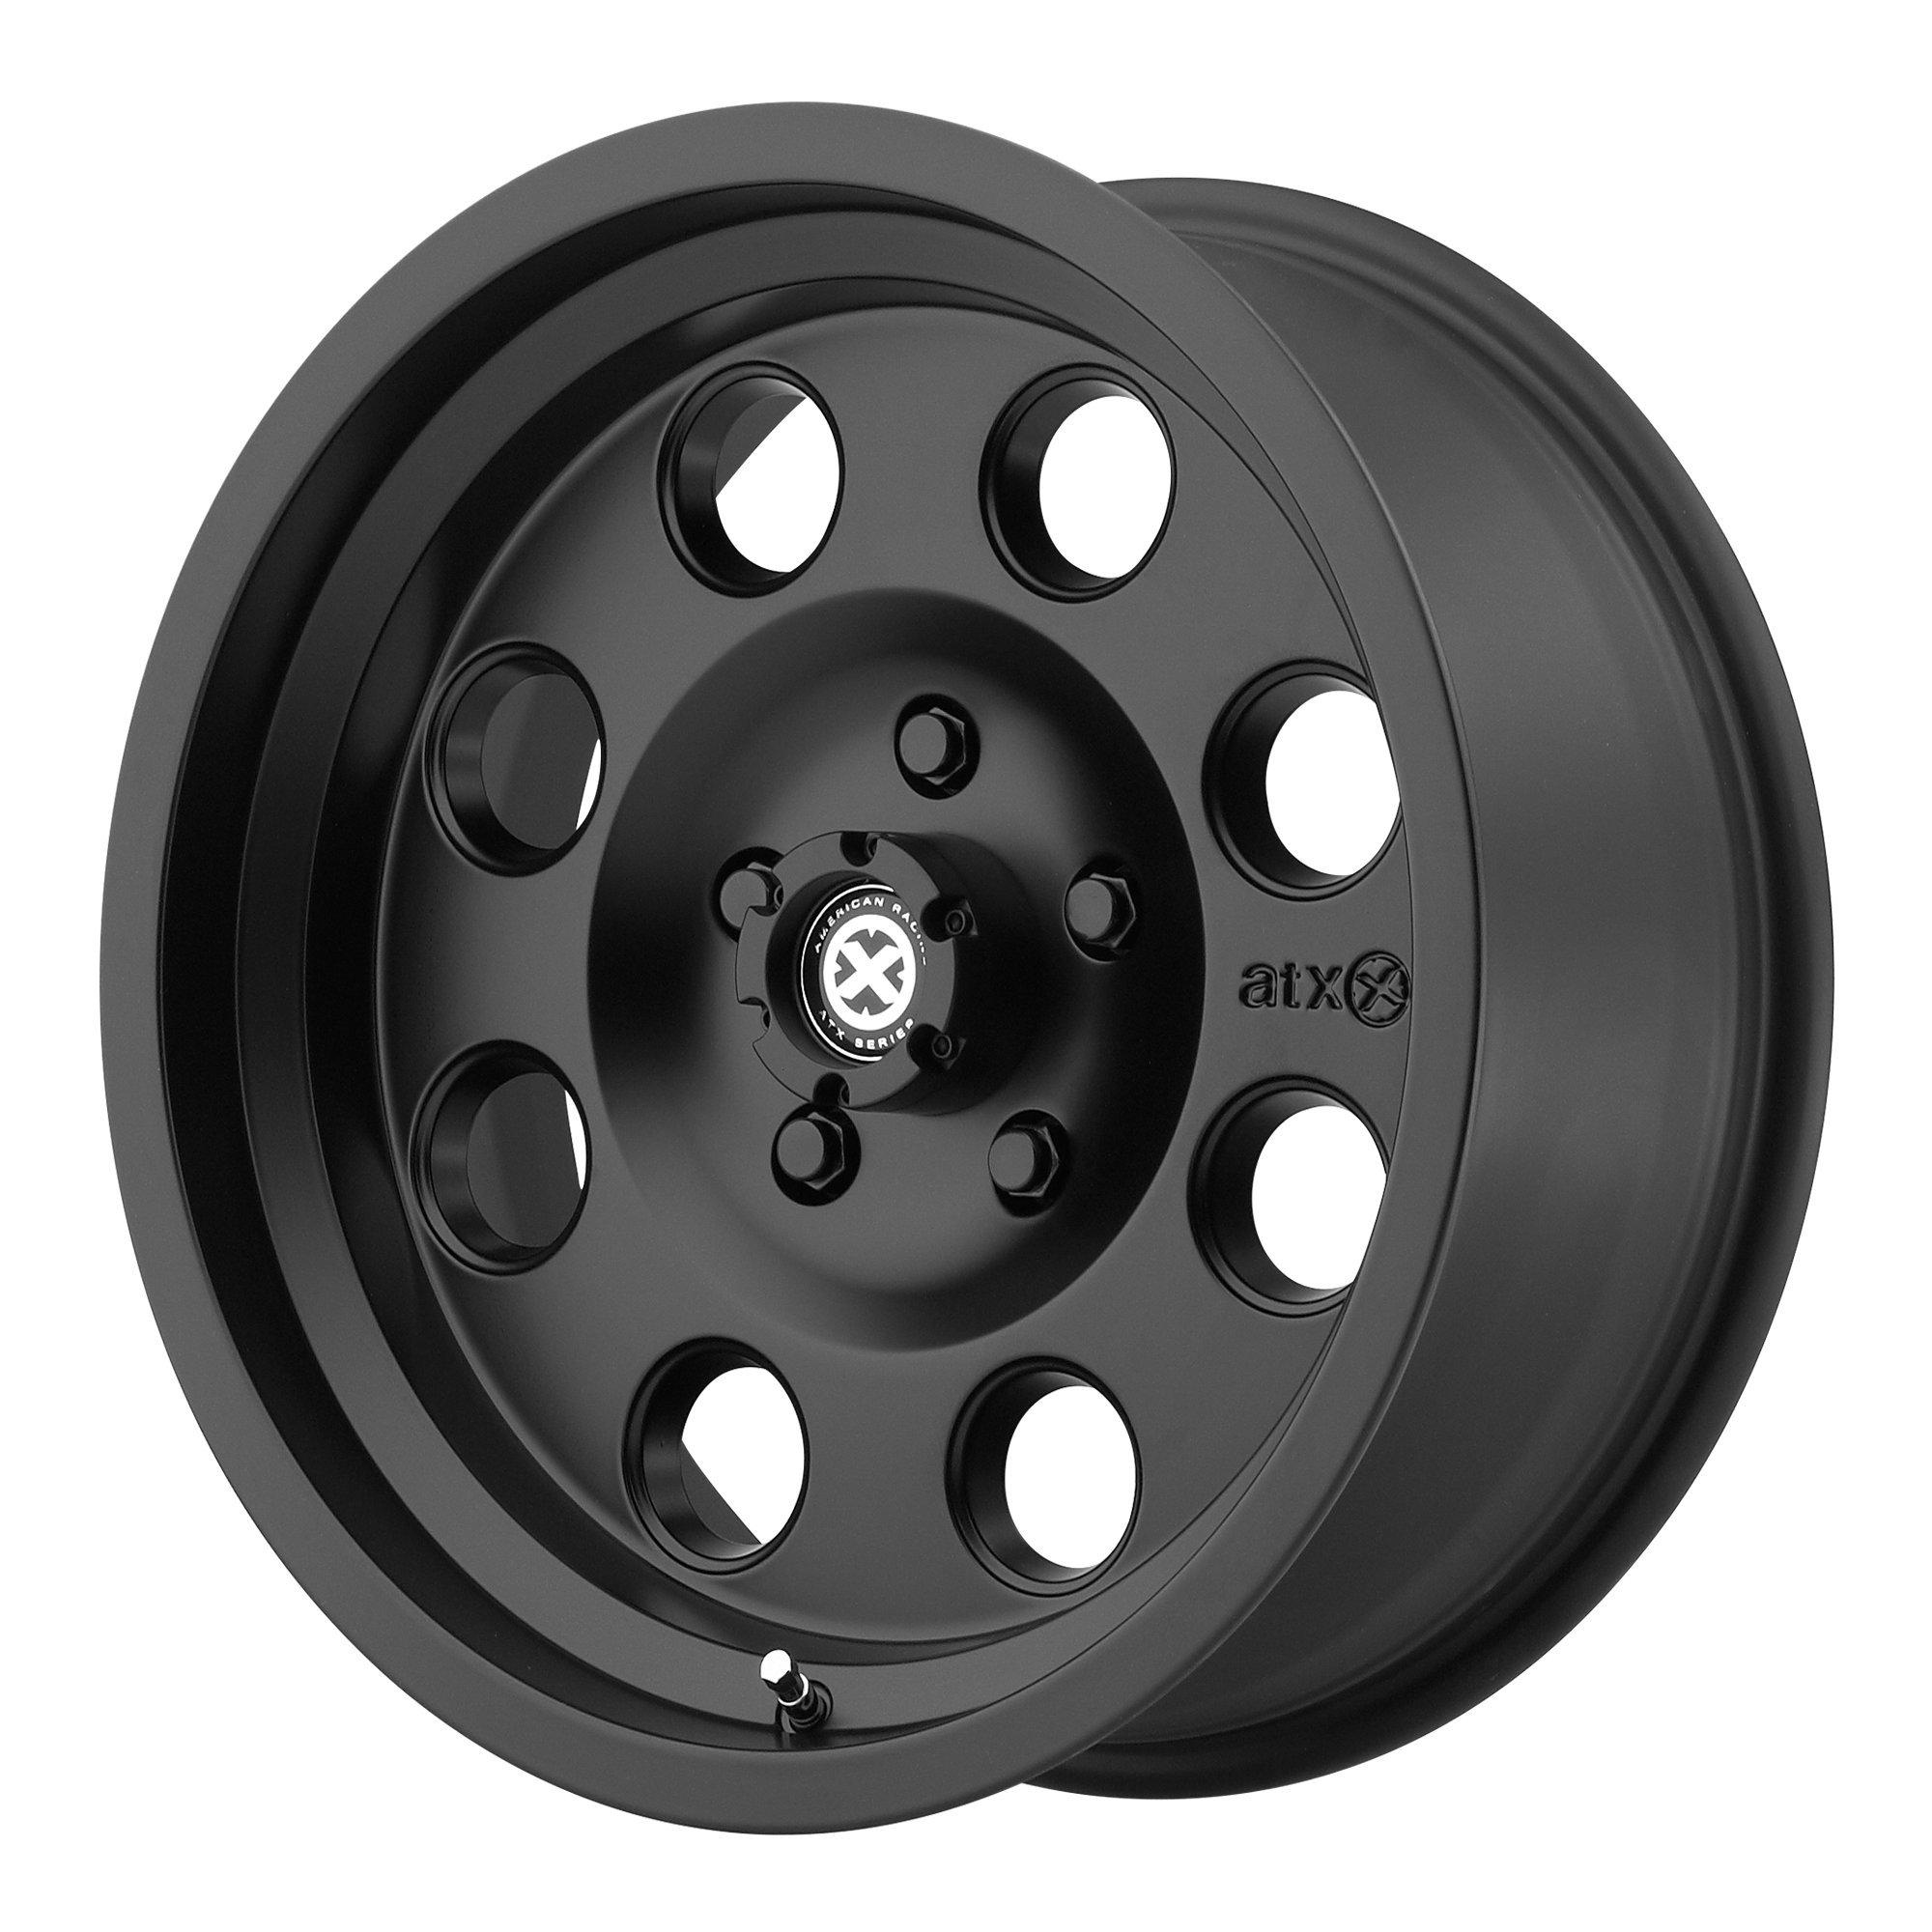 ATX Series AX199 Mojave II Satin Black Wheel (18x9''/5x139.7mm, 00mm offset)